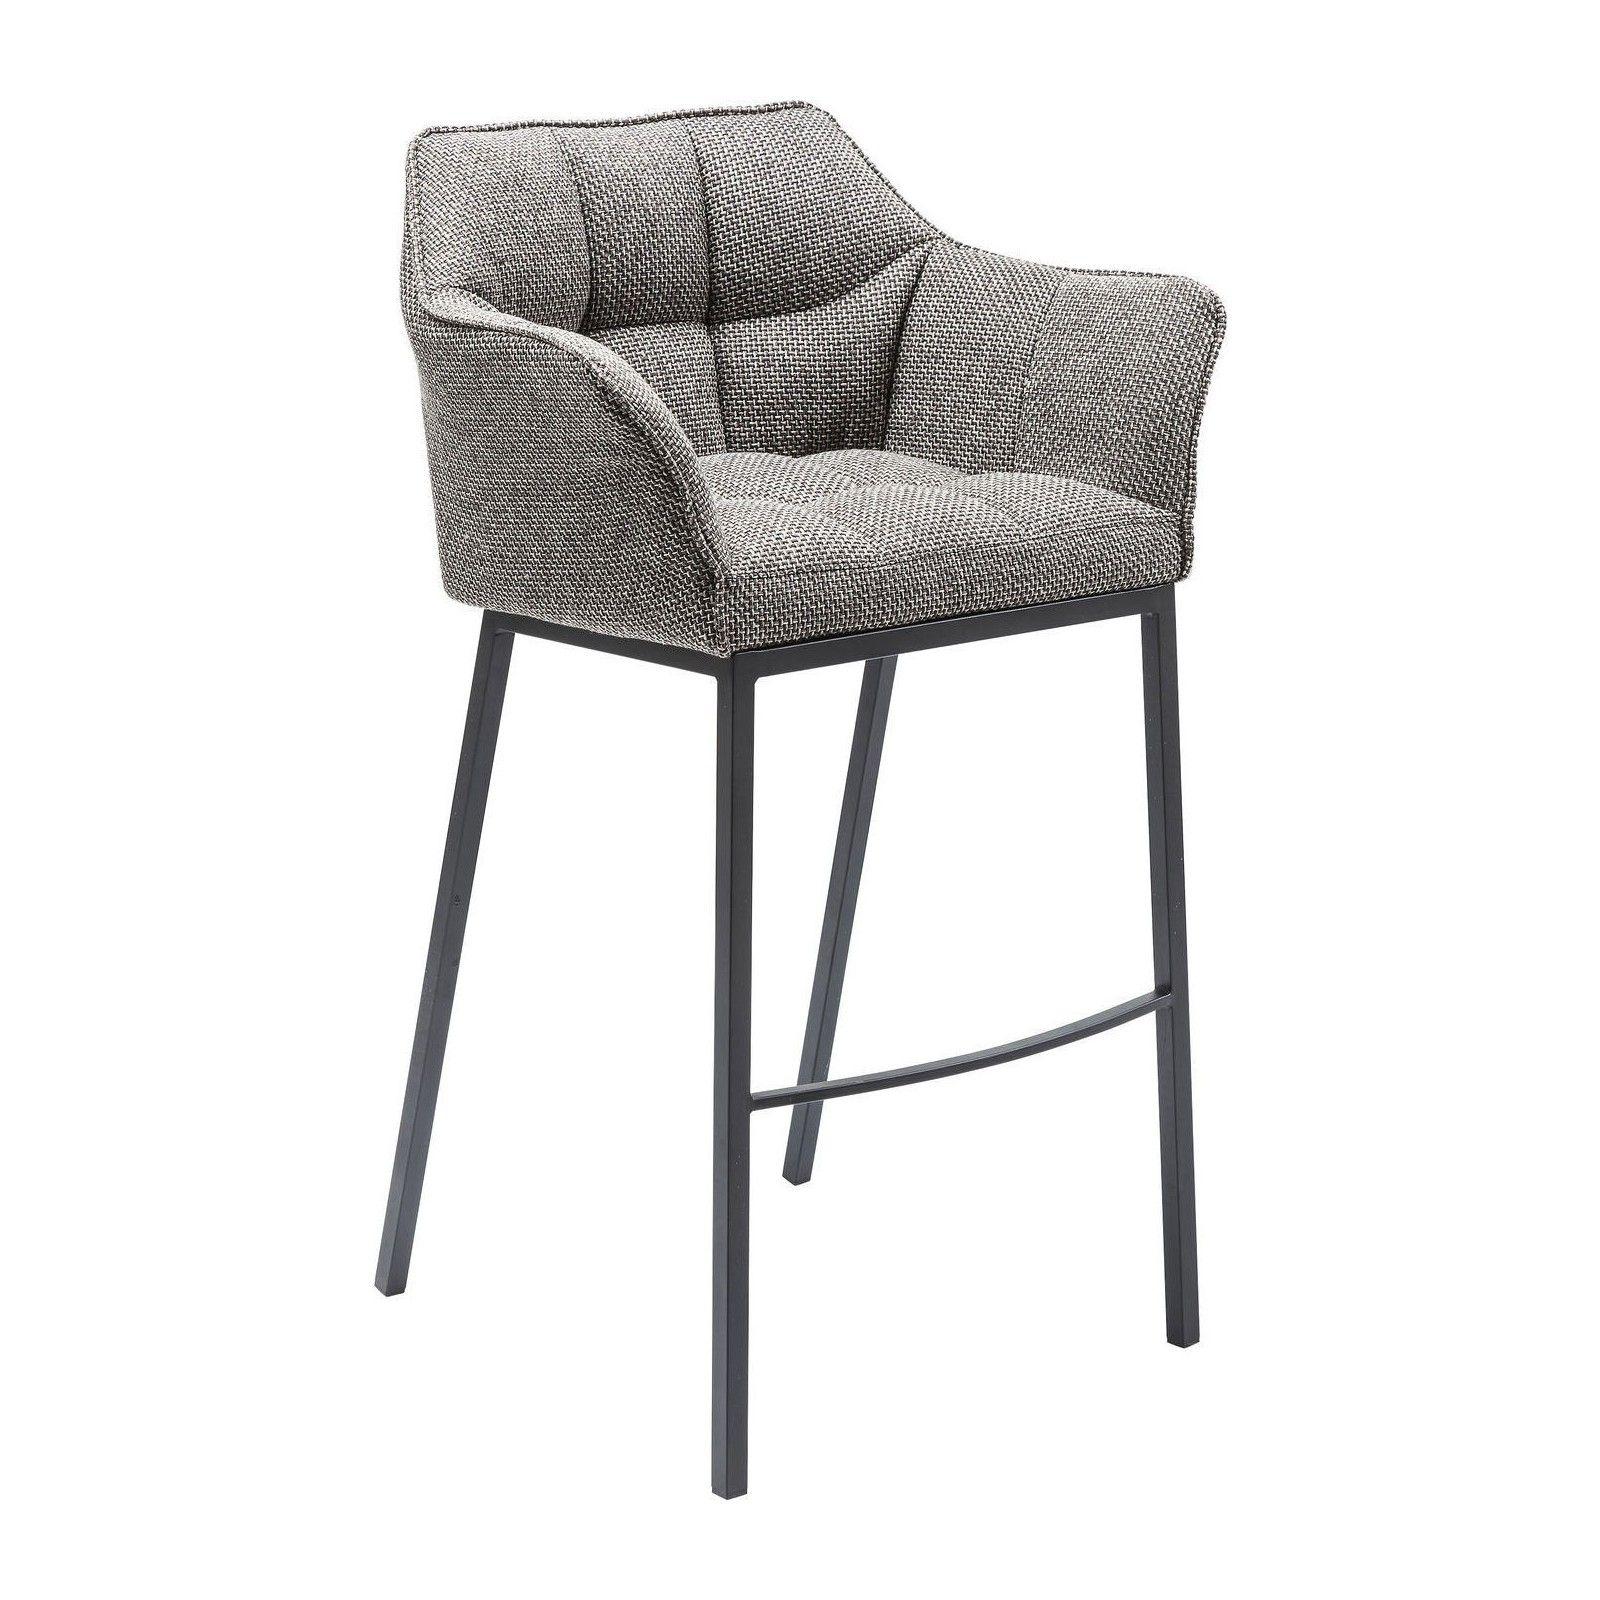 Tabouret de bar thinktank quattro gris kare design en 2020 Table haute avec tabouret pour cuisine